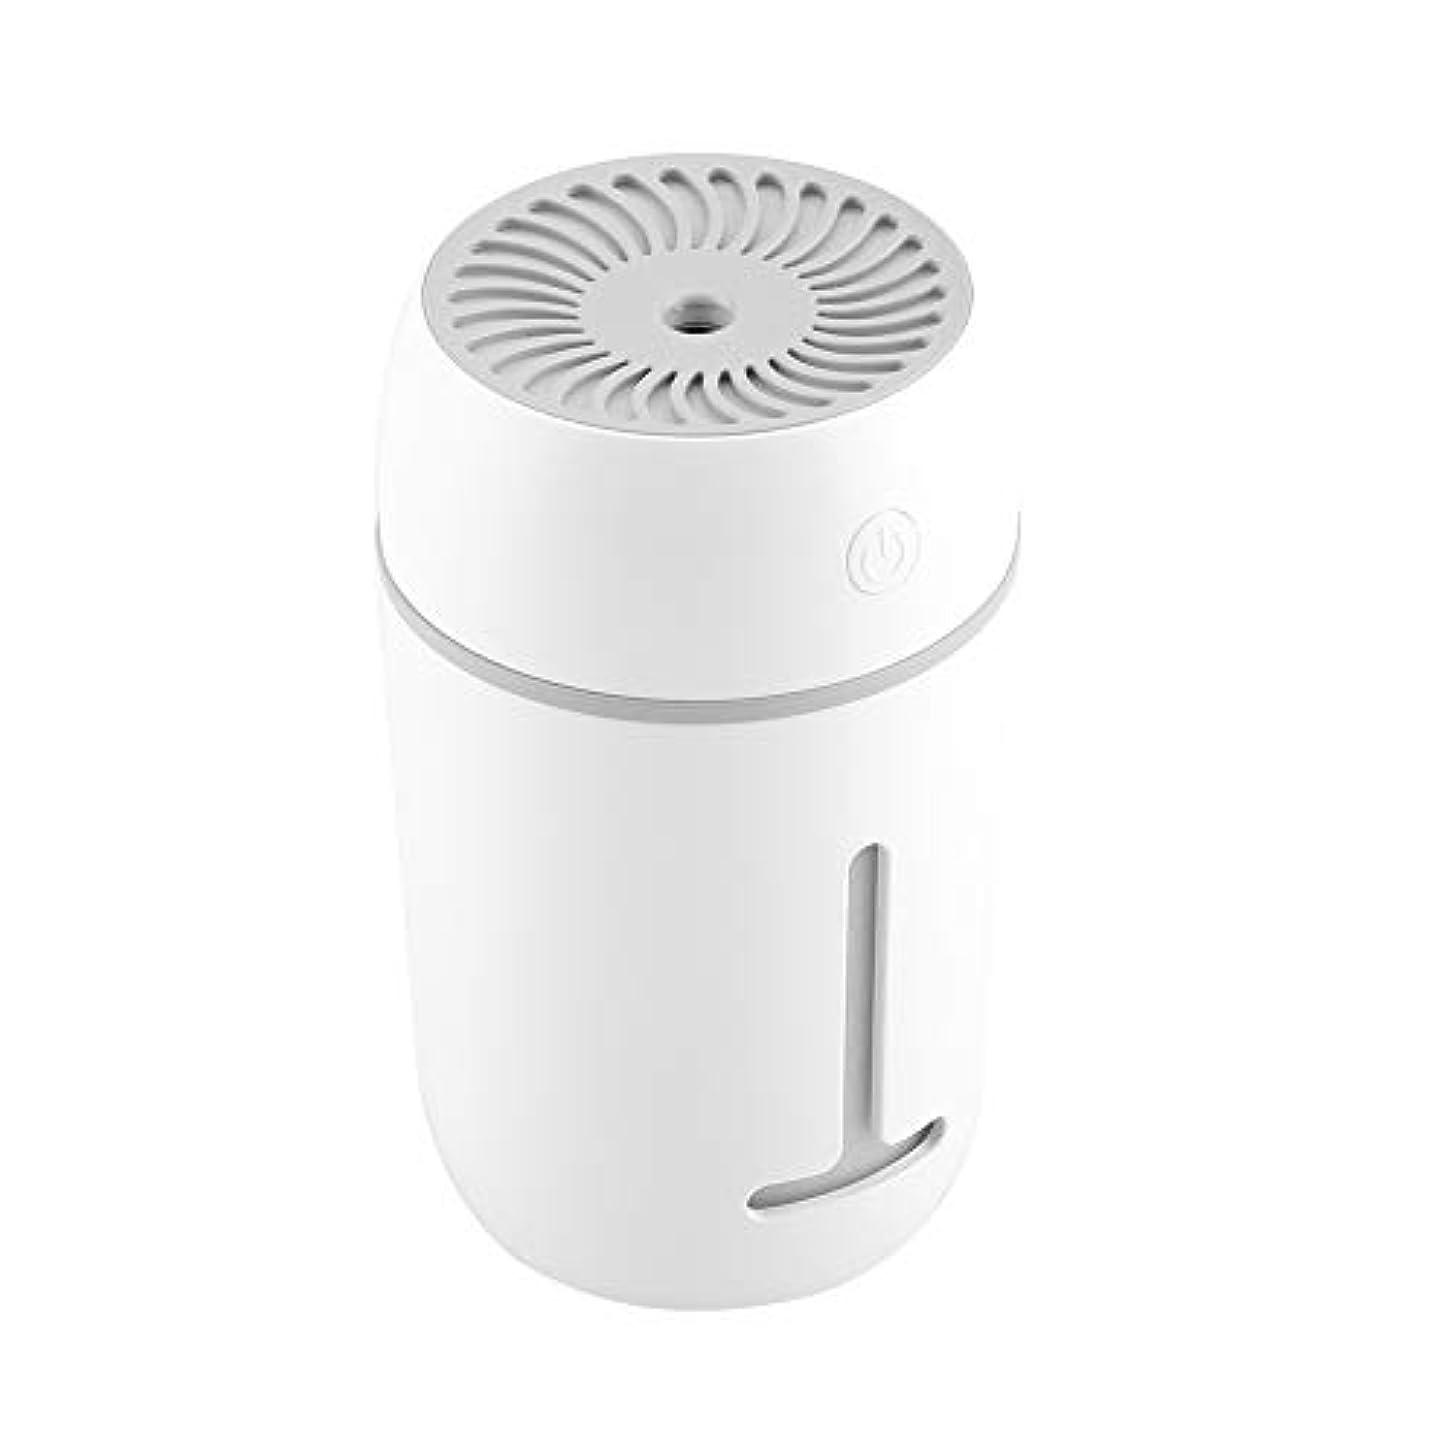 受け入れた暖かさぜいたく携帯用加湿器、車のオフィスのためのUSBの再充電可能な携帯用超音波加湿器の拡散器7色LEDライト